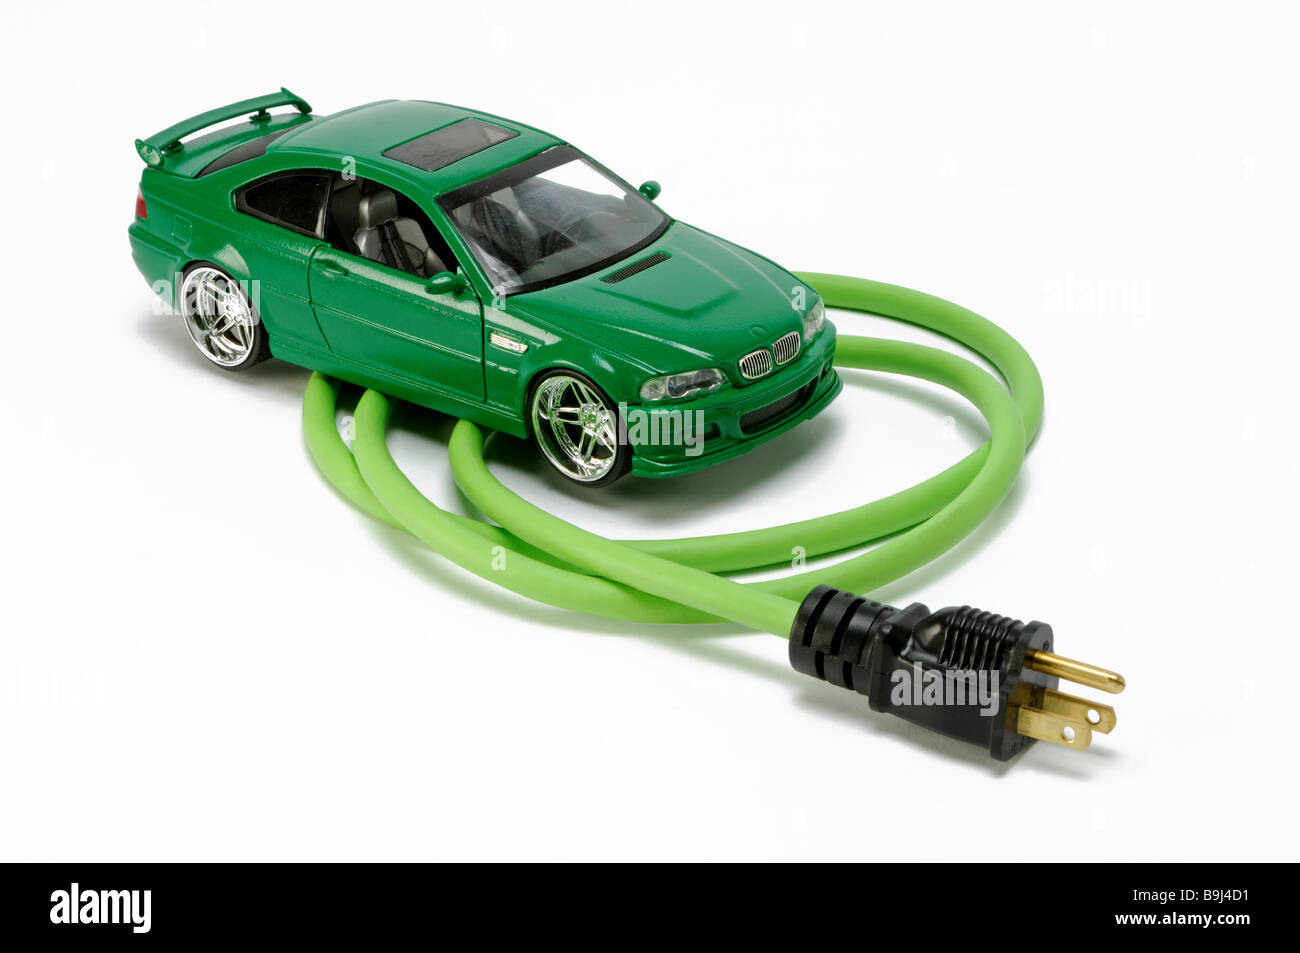 Car Stock Photos & Car Stock Images - Alamy